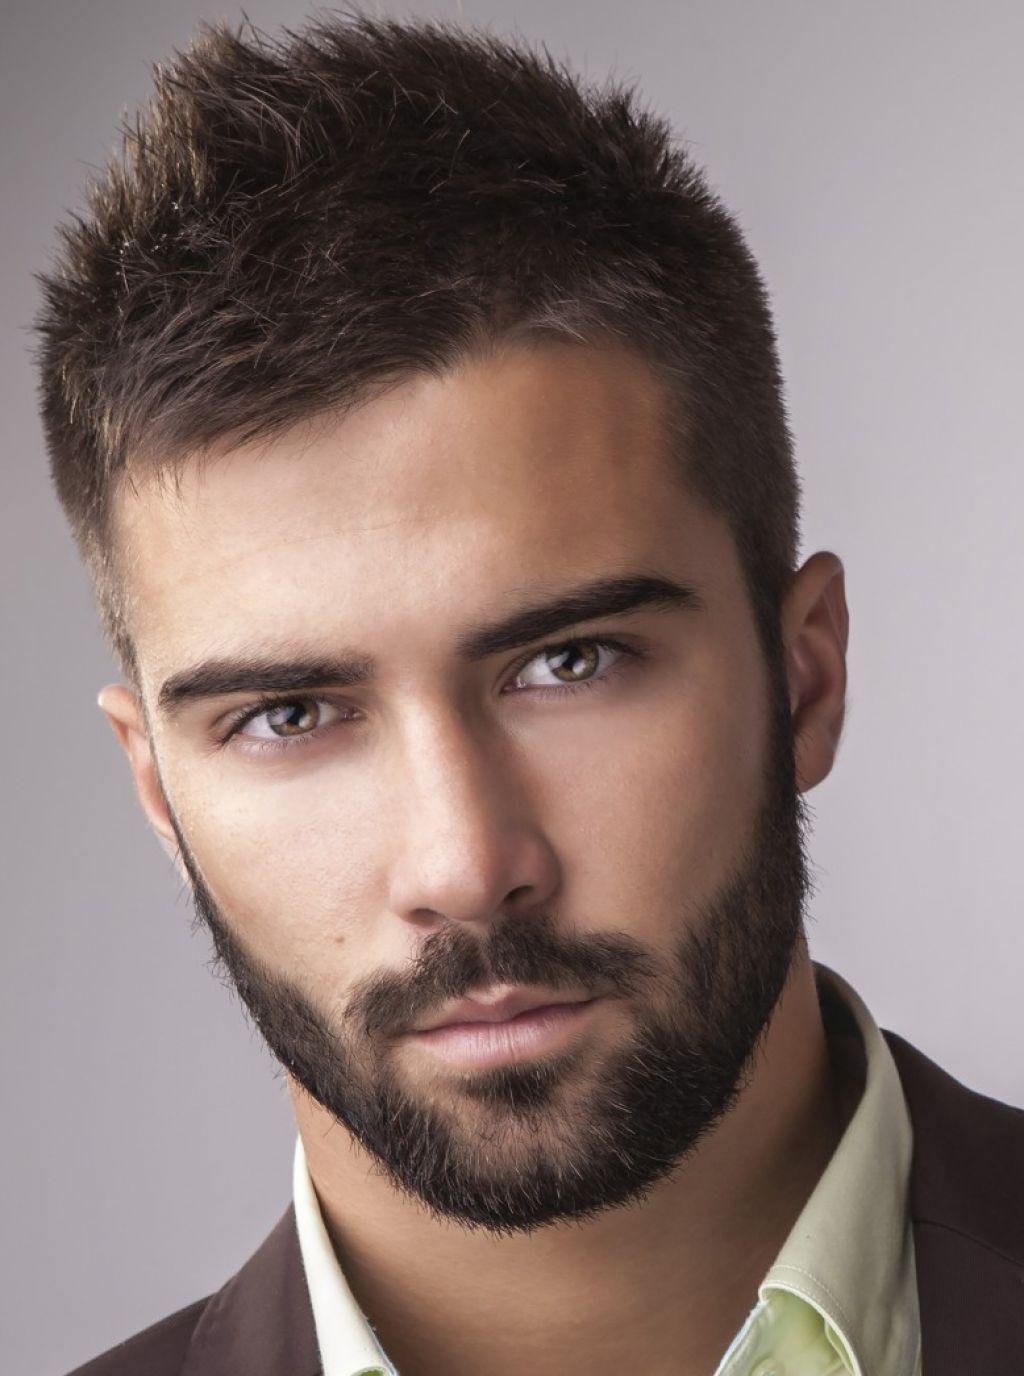 Nice Beard Styles   Beard & hairstyle   Pinterest   Beard styles ...